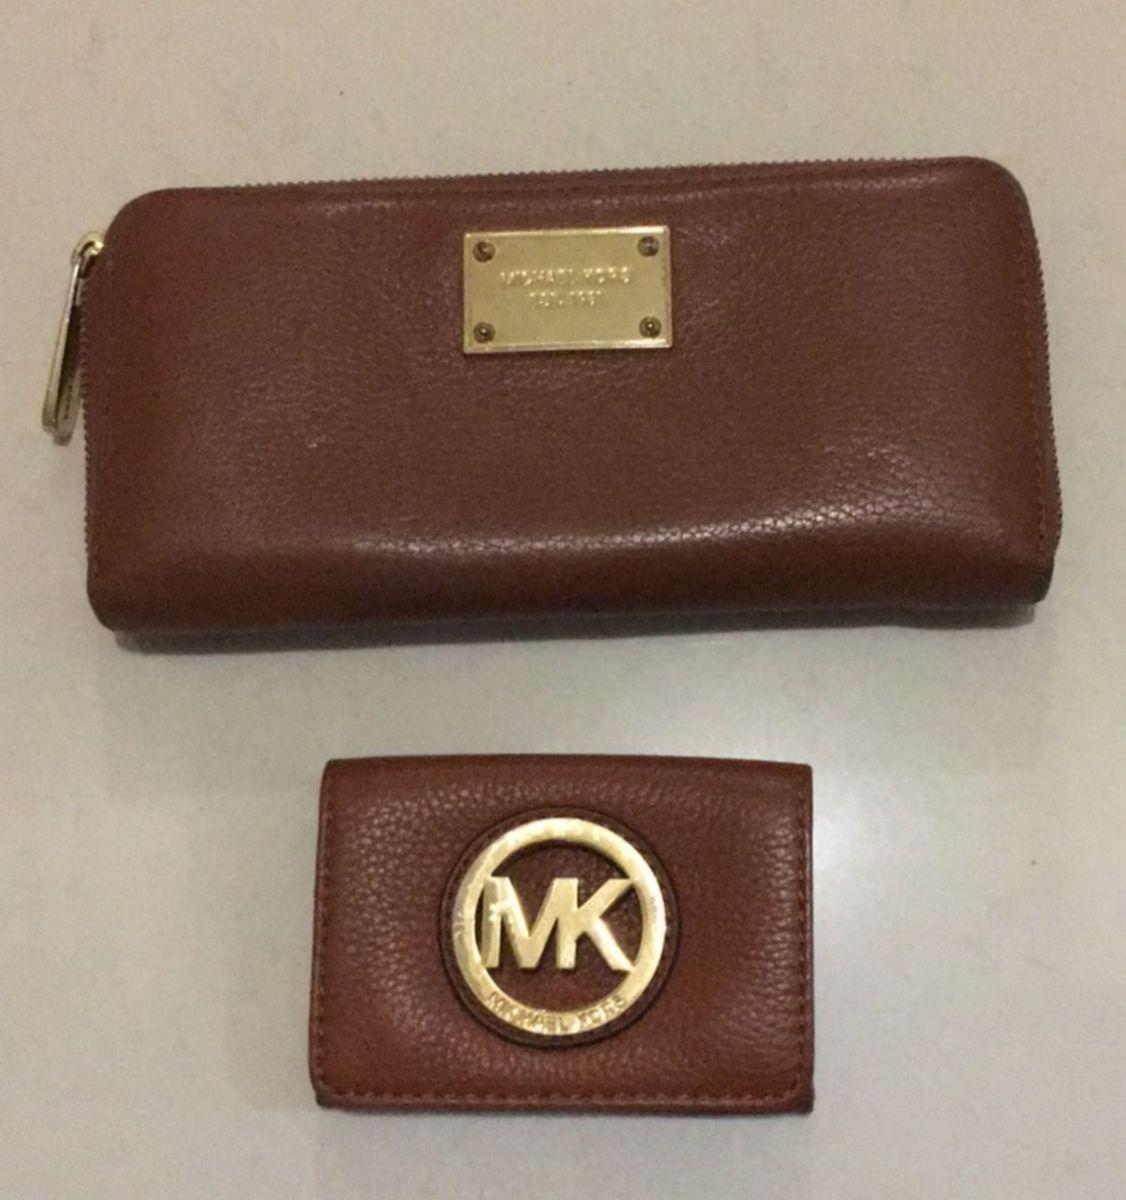 conjunto carteira e porta moeda ou cartao michael kors original - carteiras michael  kors 1e4d6d5971